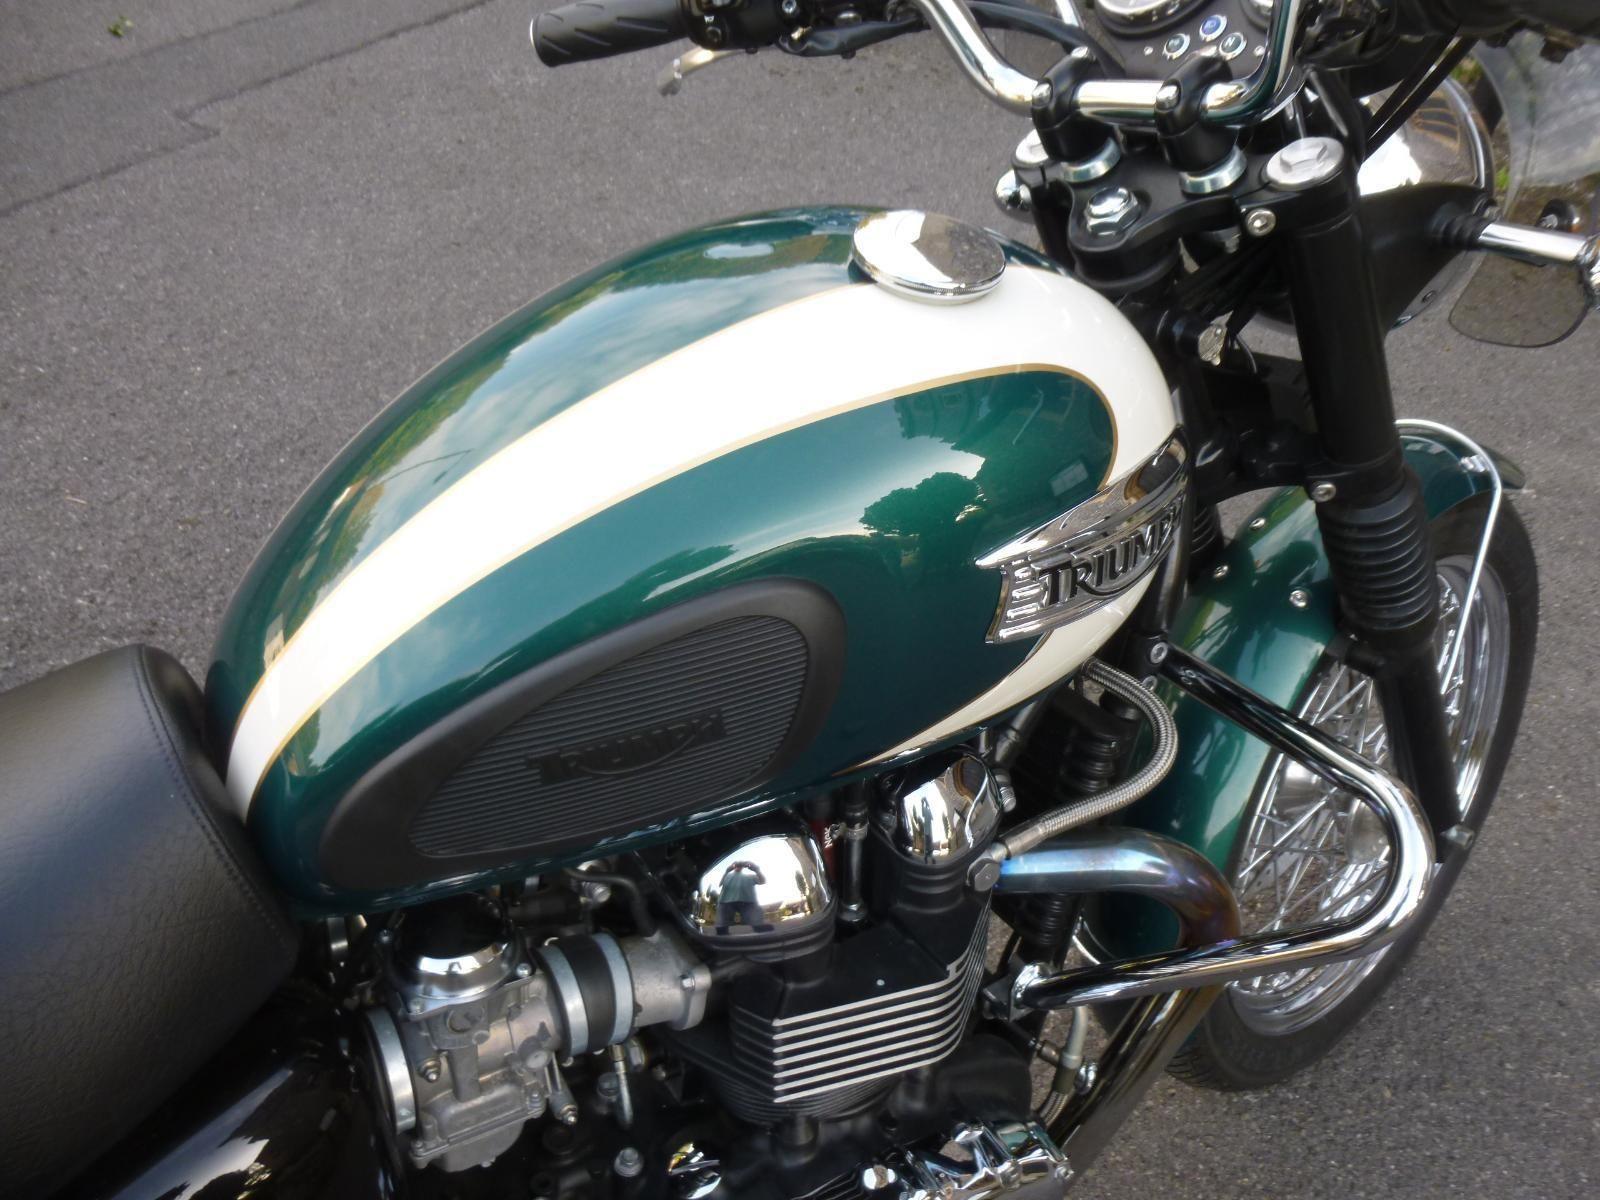 2010 10 Triumph Bonneville T100 Efi Only 1331 Miles